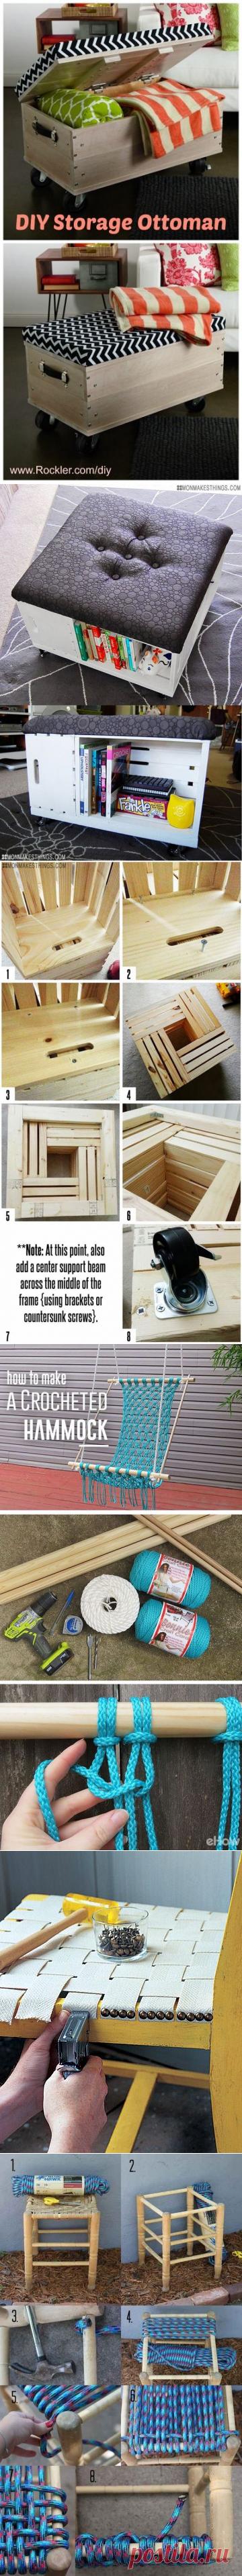 Сделай сам: 20+ замечательных идей для интерьера вашего дома